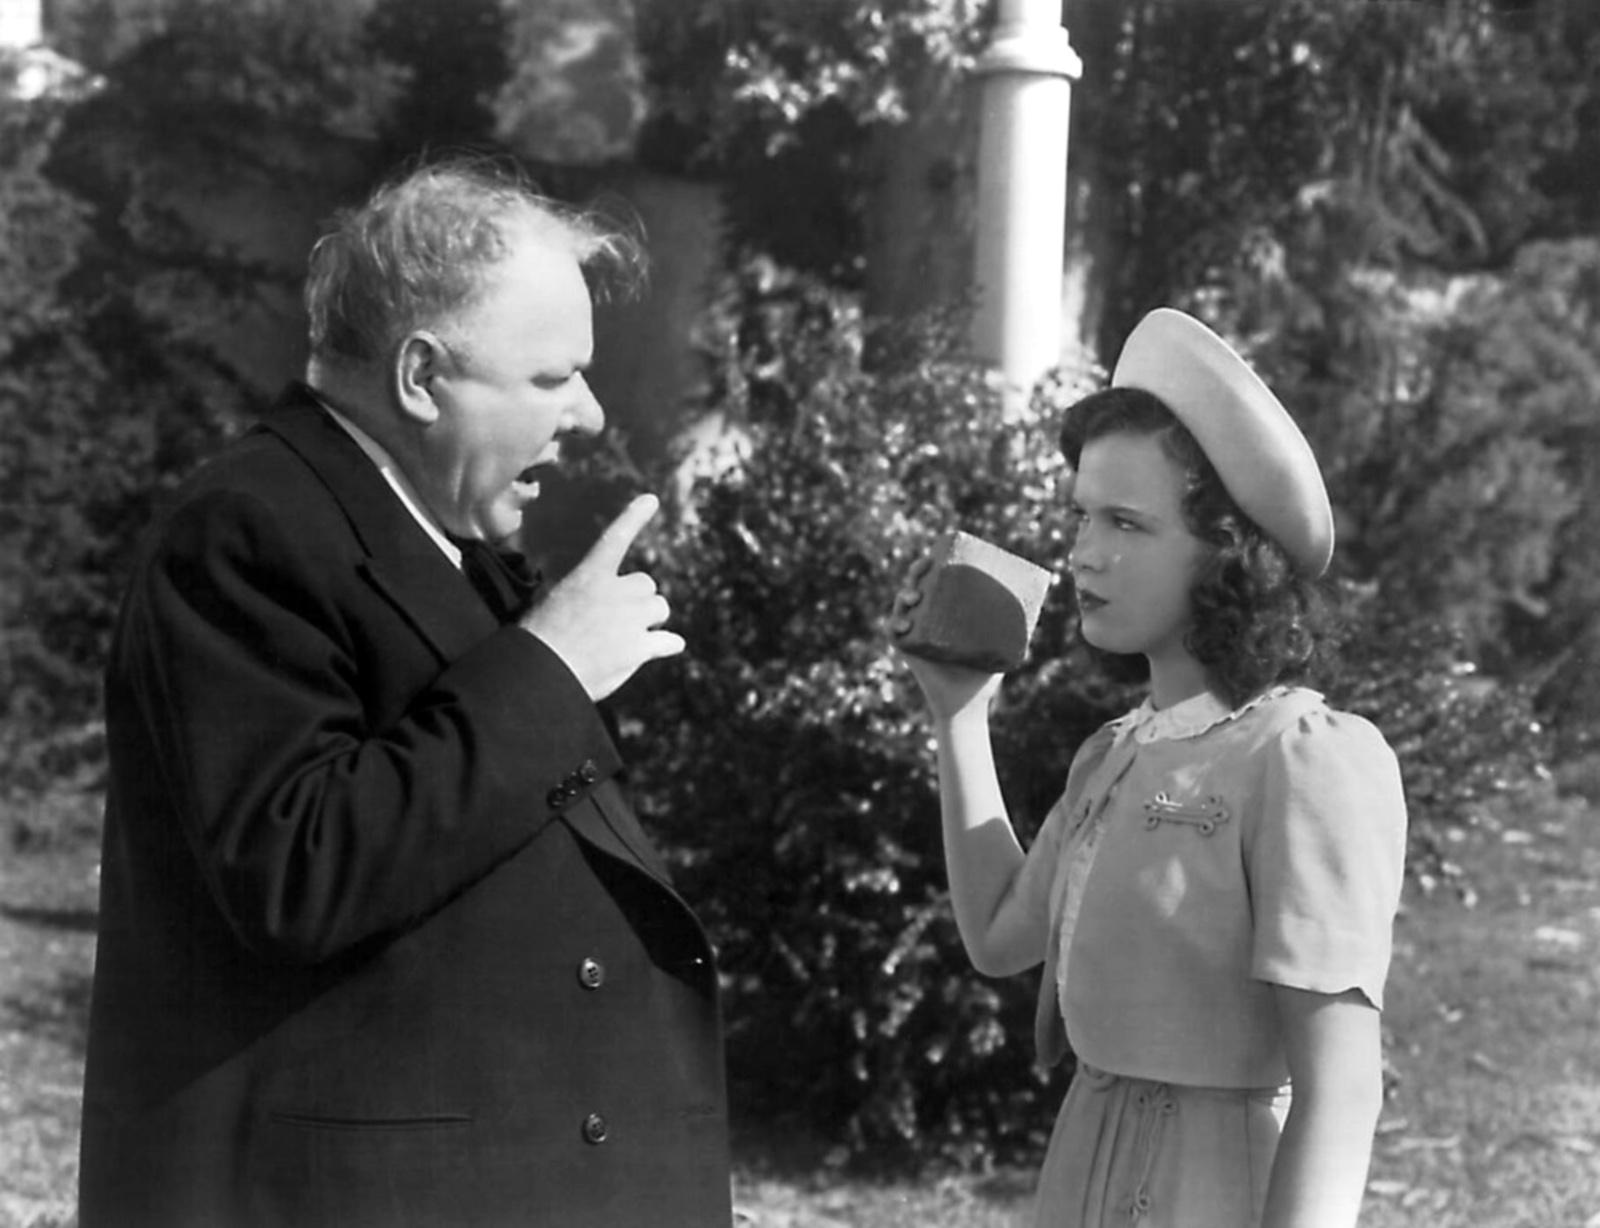 W C. Fields With Gloria Jean